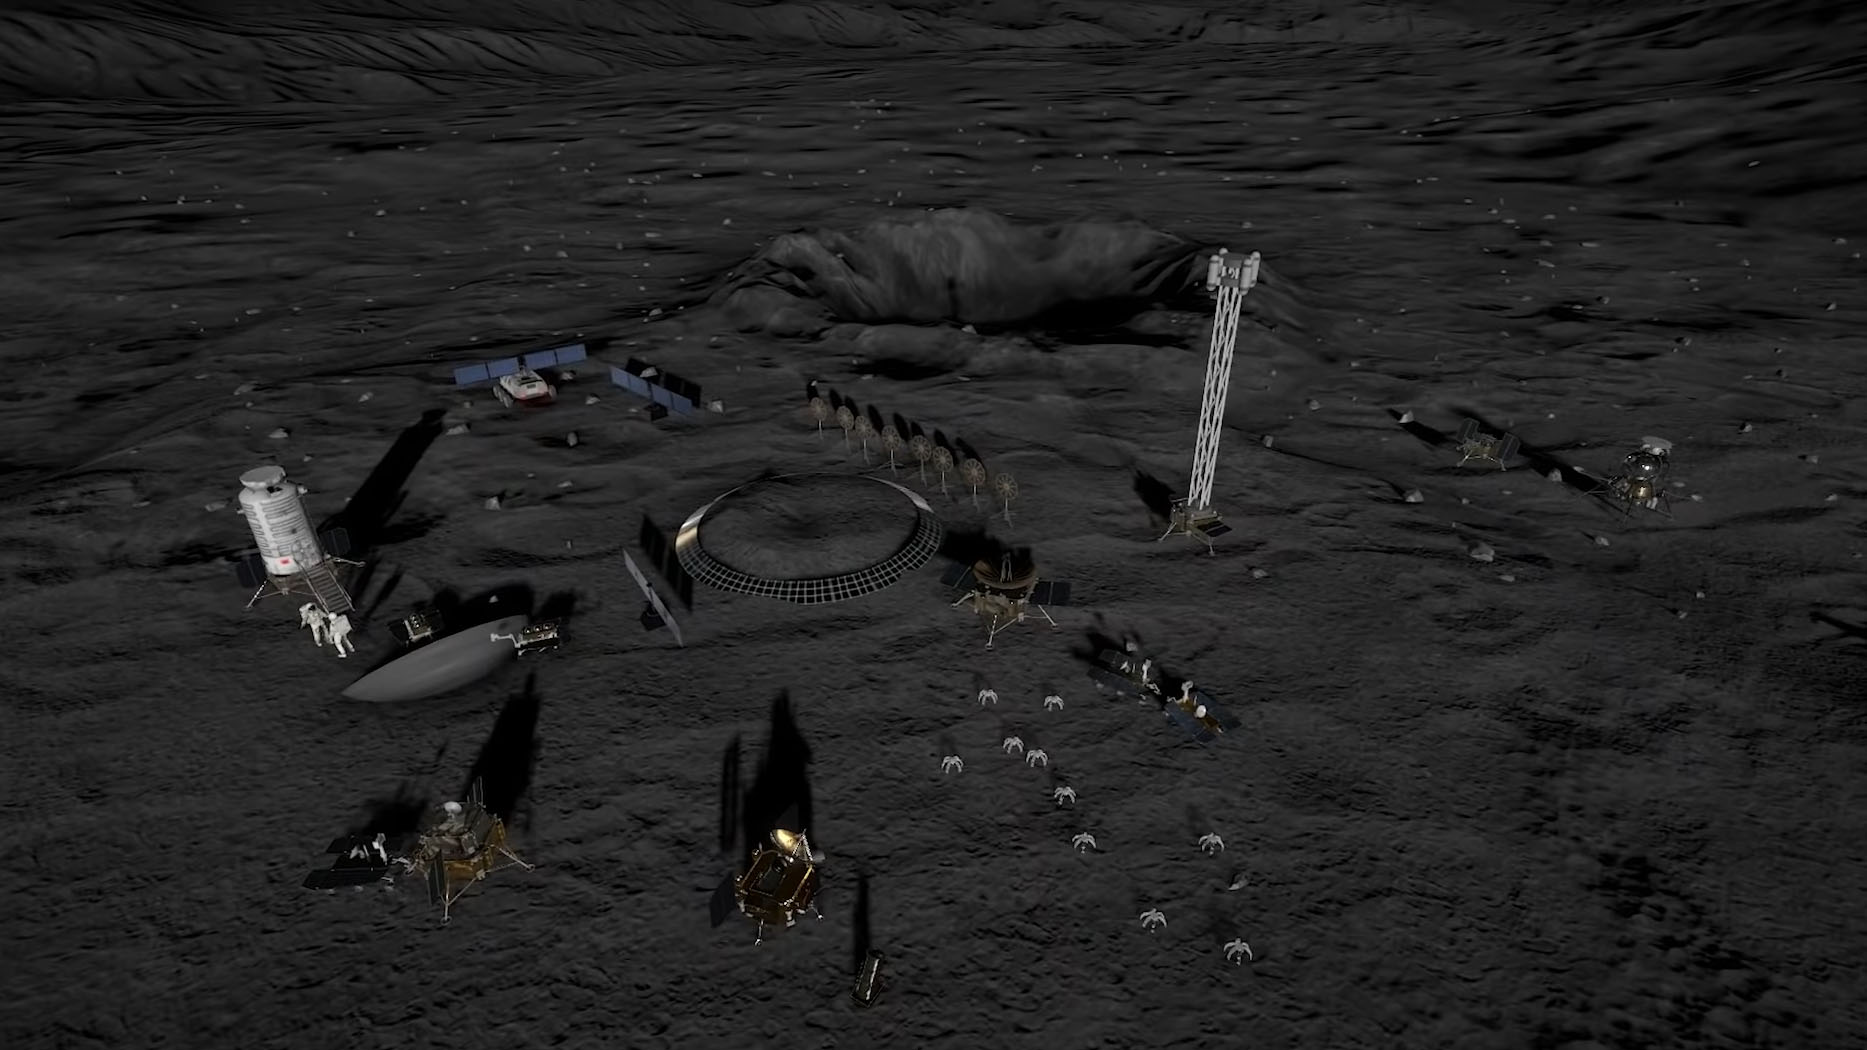 La station utilisera des technologies autonomes, notamment des robots sauteurs et des rovers pour explorer la lune.